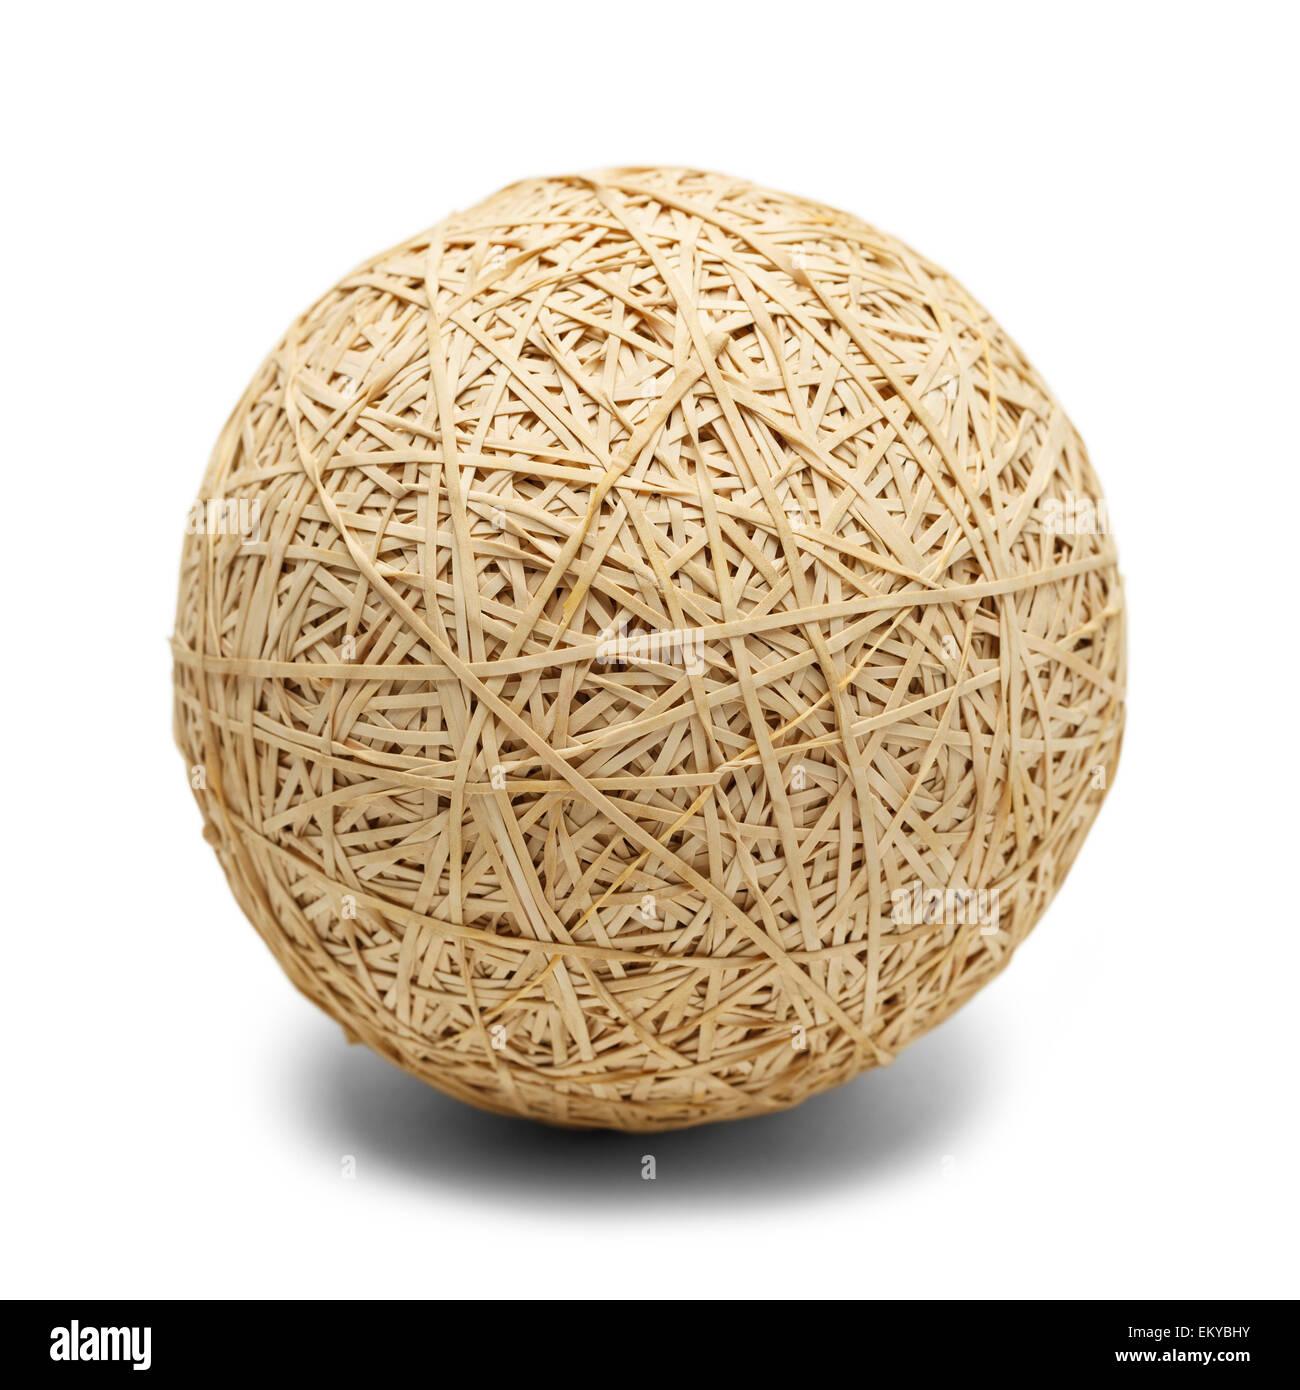 Grande sfera marrone di bande di gomma isolati su sfondo bianco. Immagini Stock